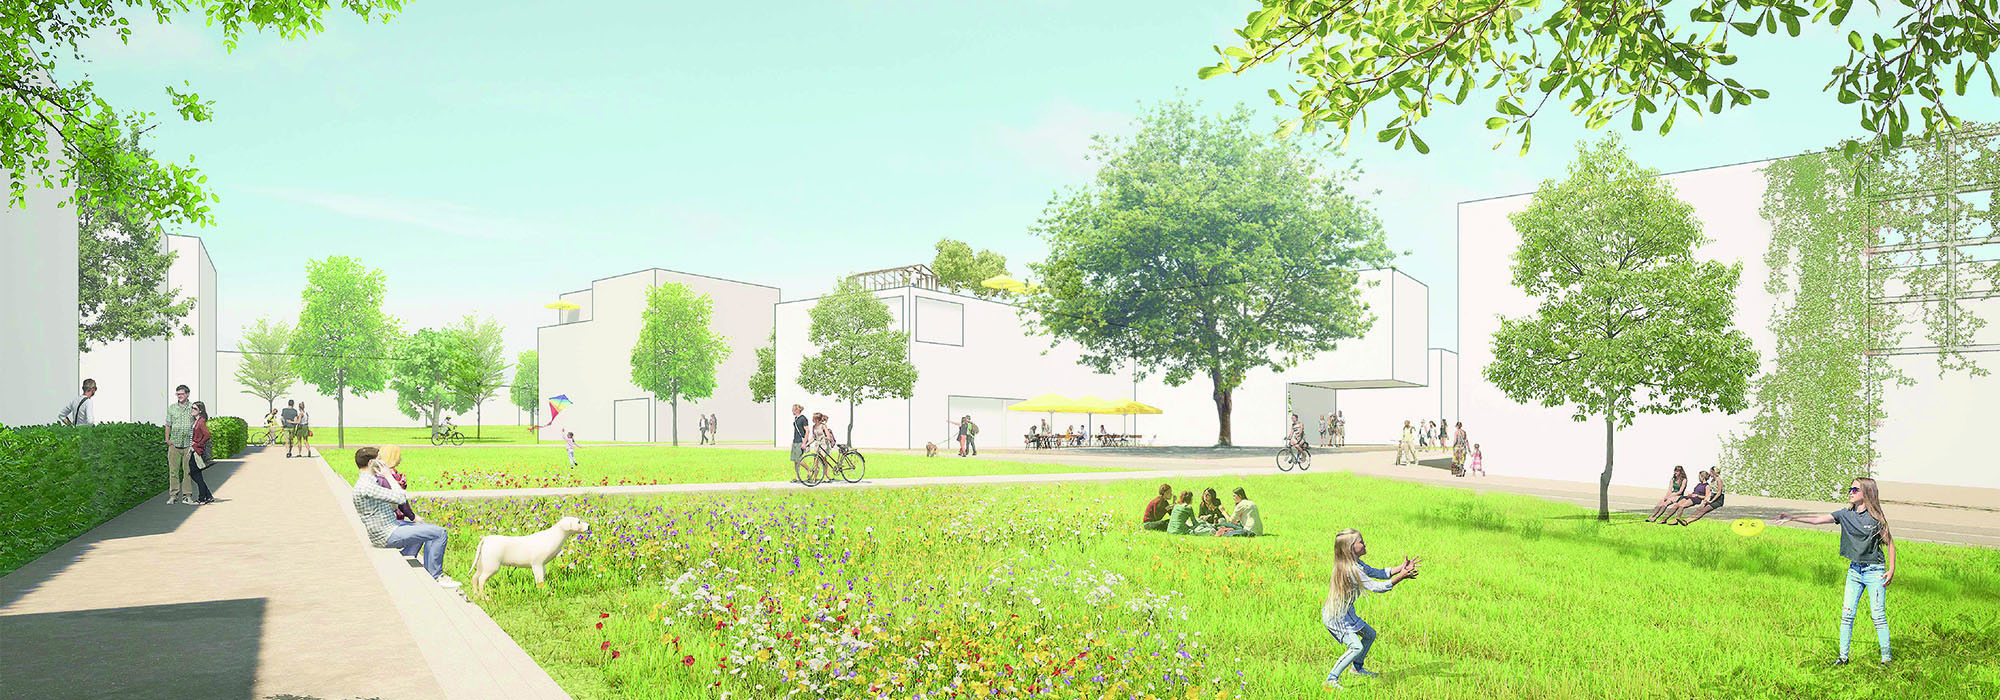 Reichenau_Lindenbühl West_Klimaanpassung_Wohnen_Quartiersentwicklung_Wettbewerb_PeschPartner